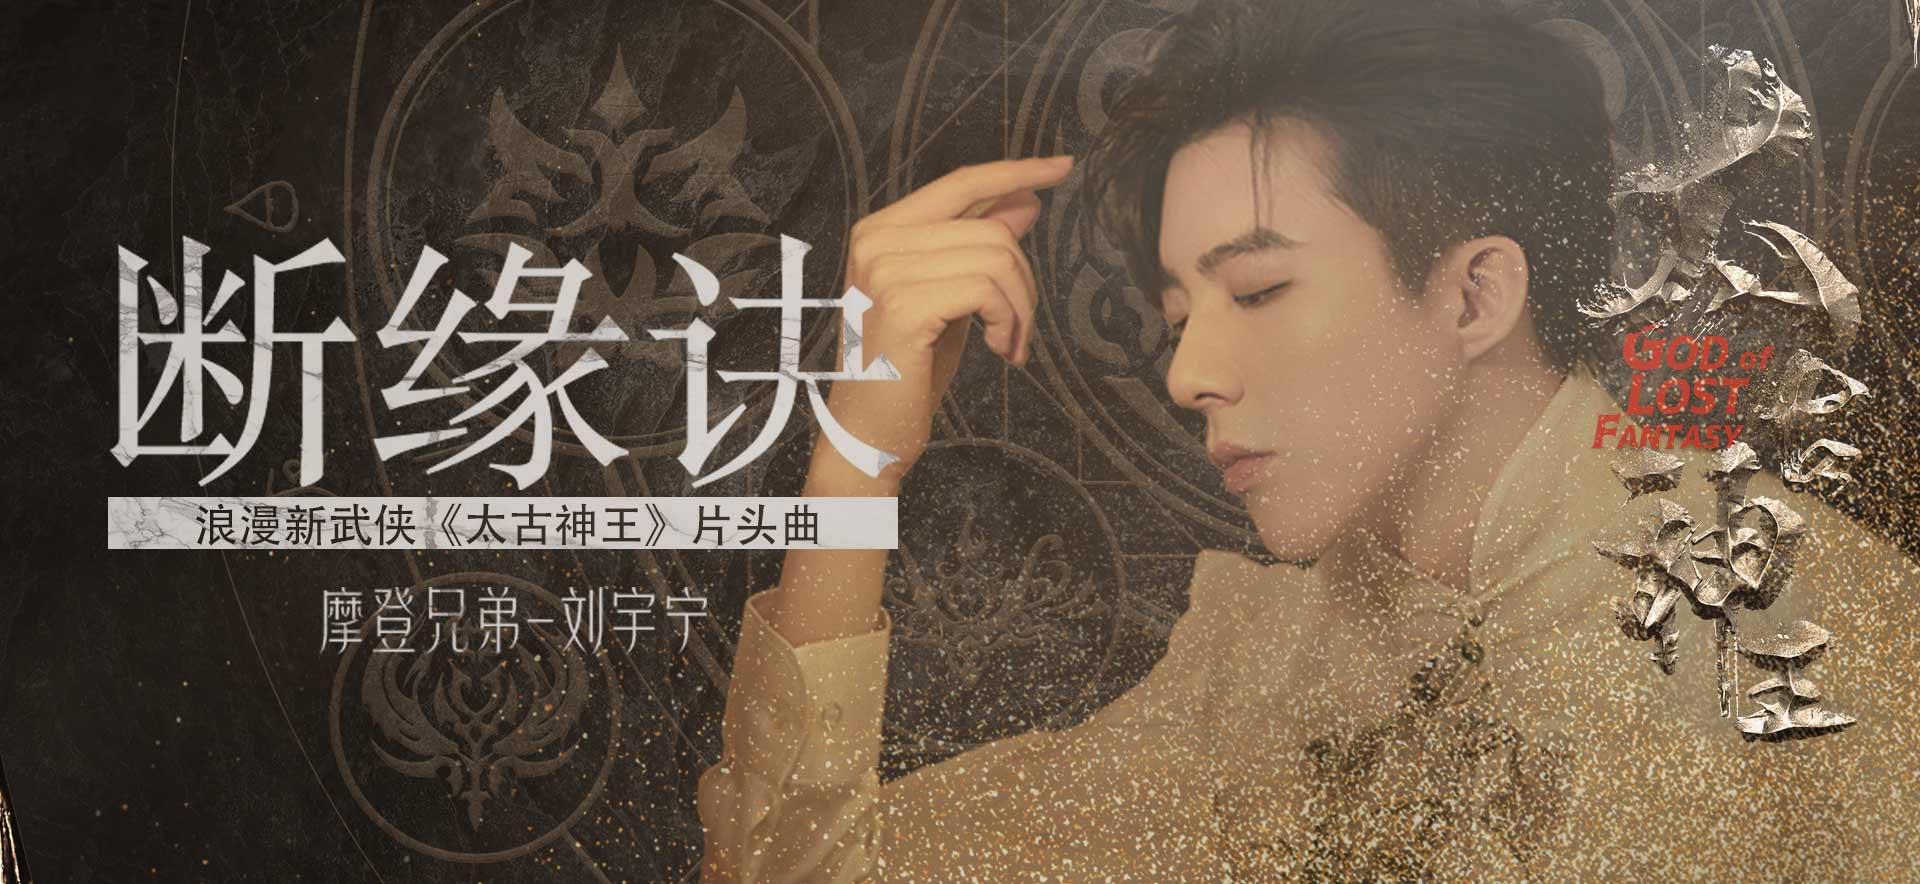 《太古神王》主题曲上线 摩登兄弟刘宇宁诠释快意人生